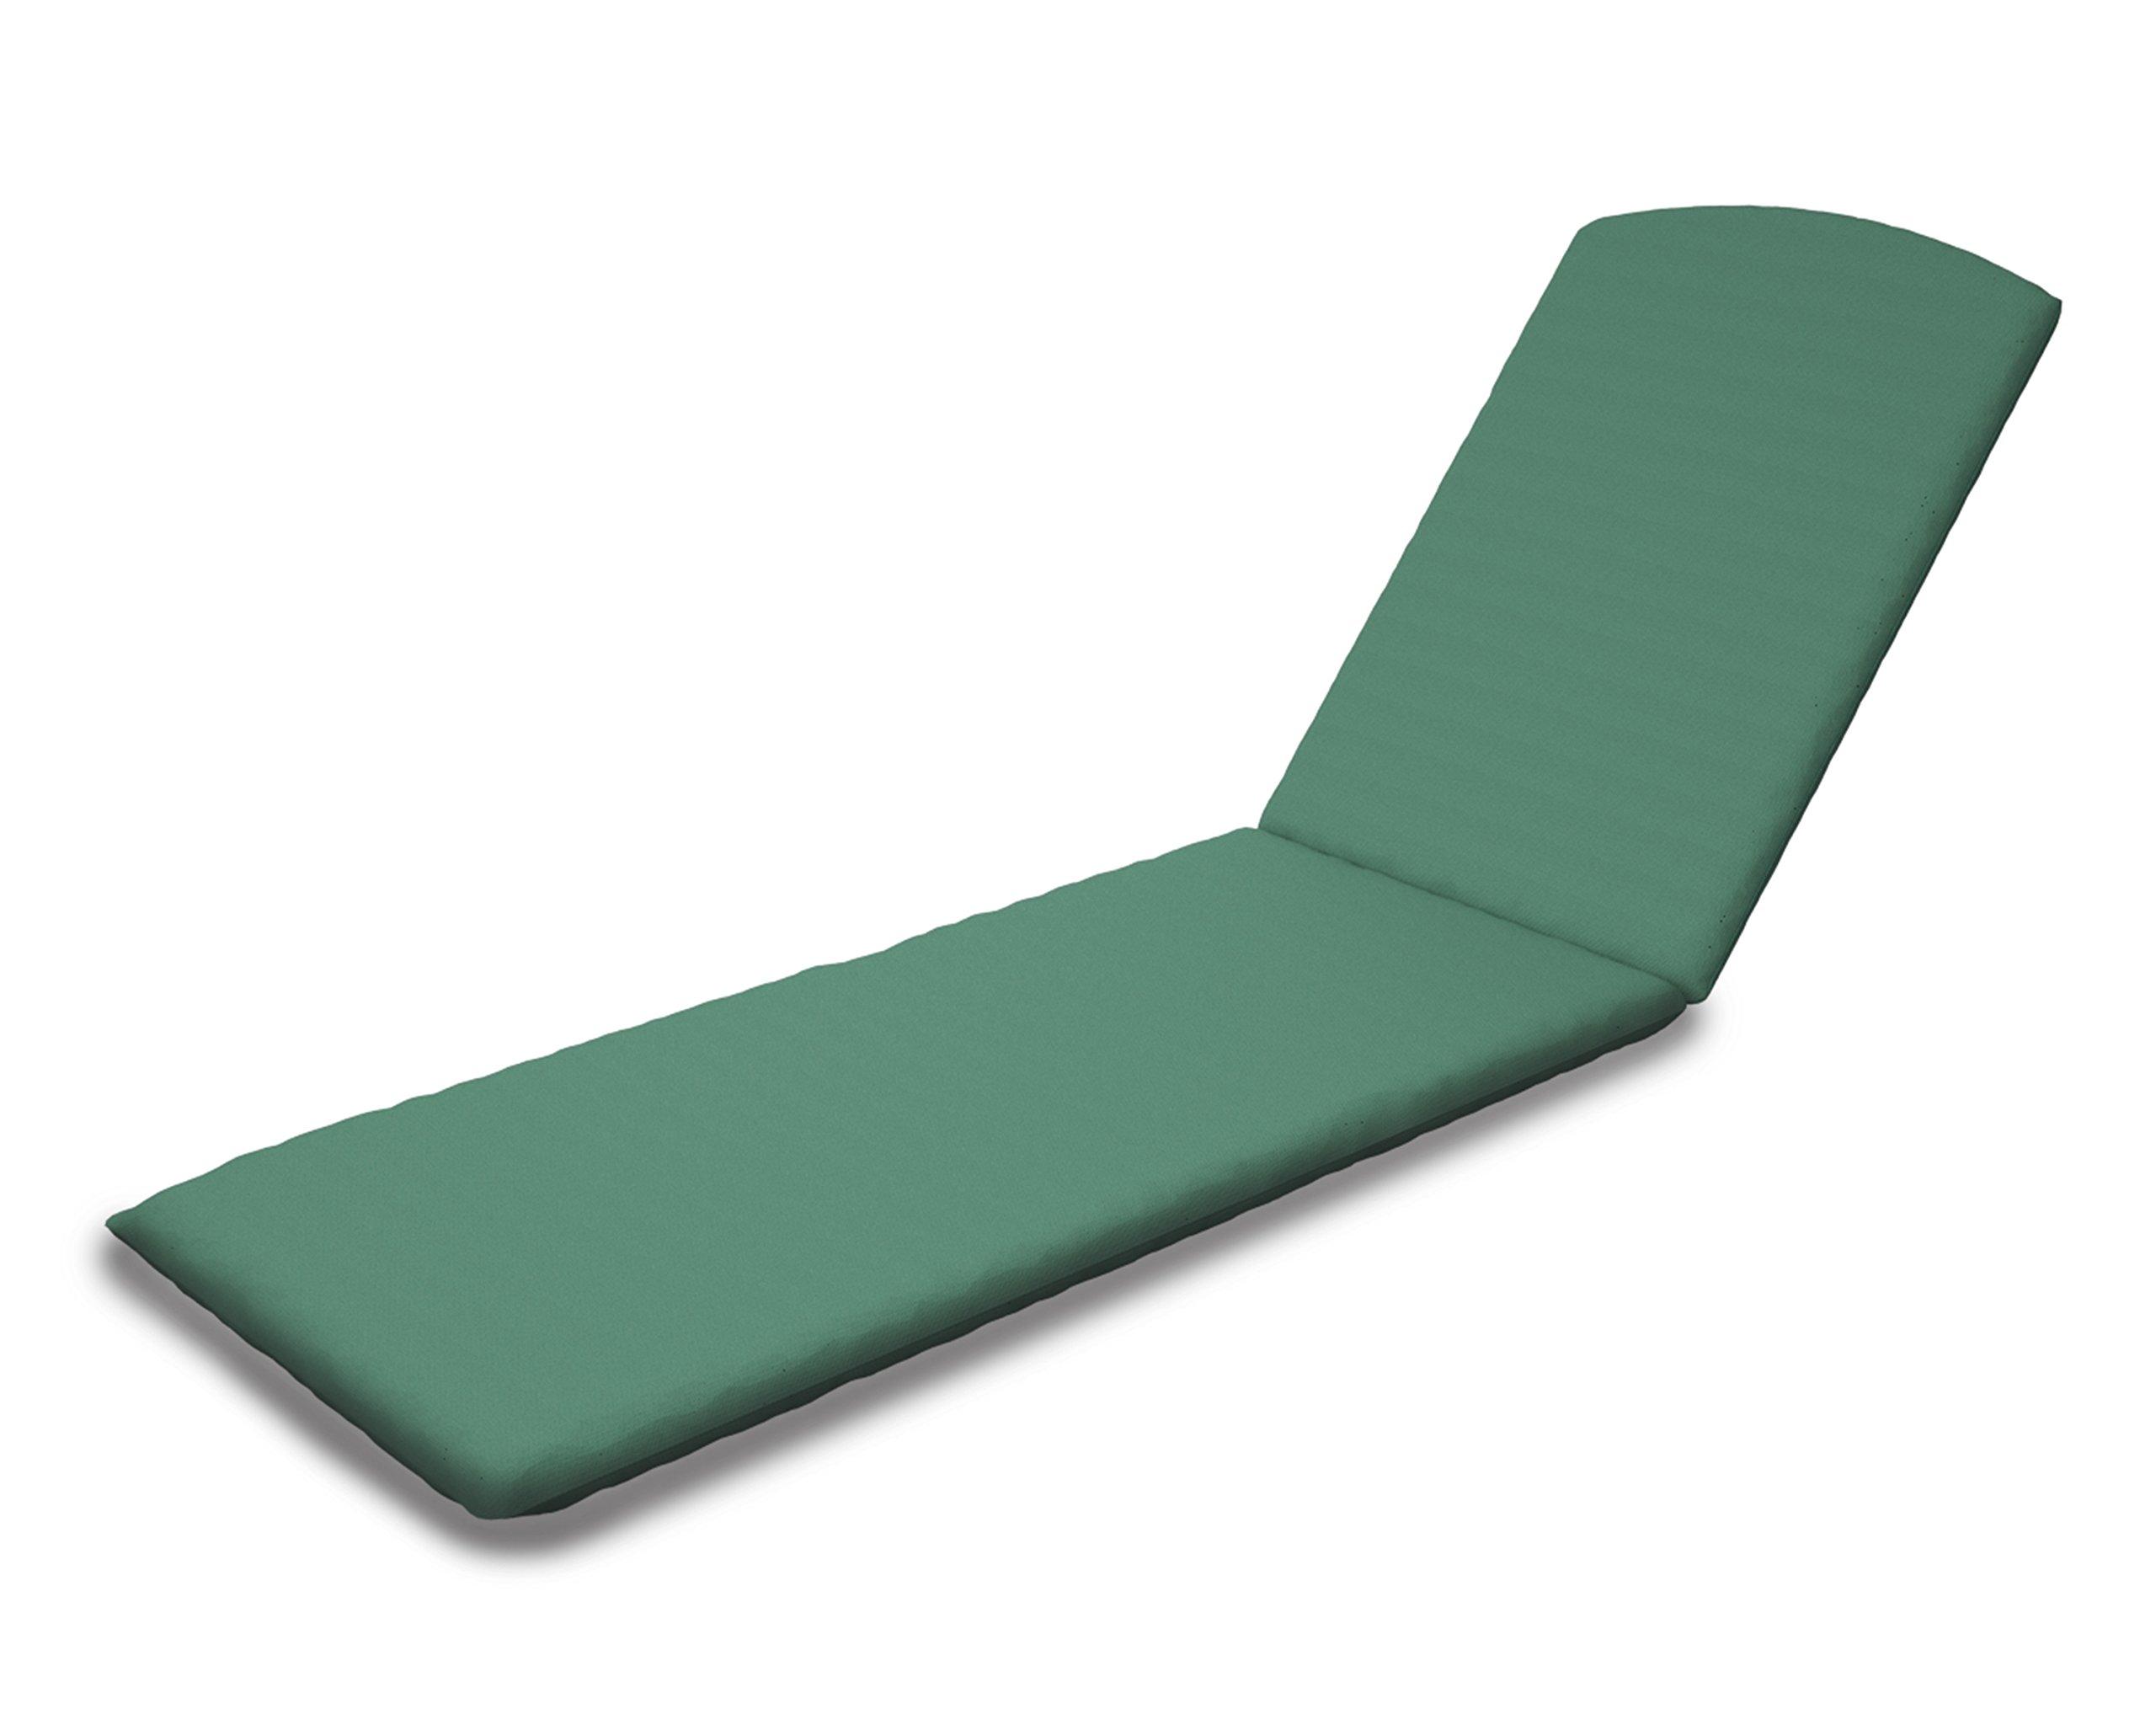 Chaise Cushion in Spa